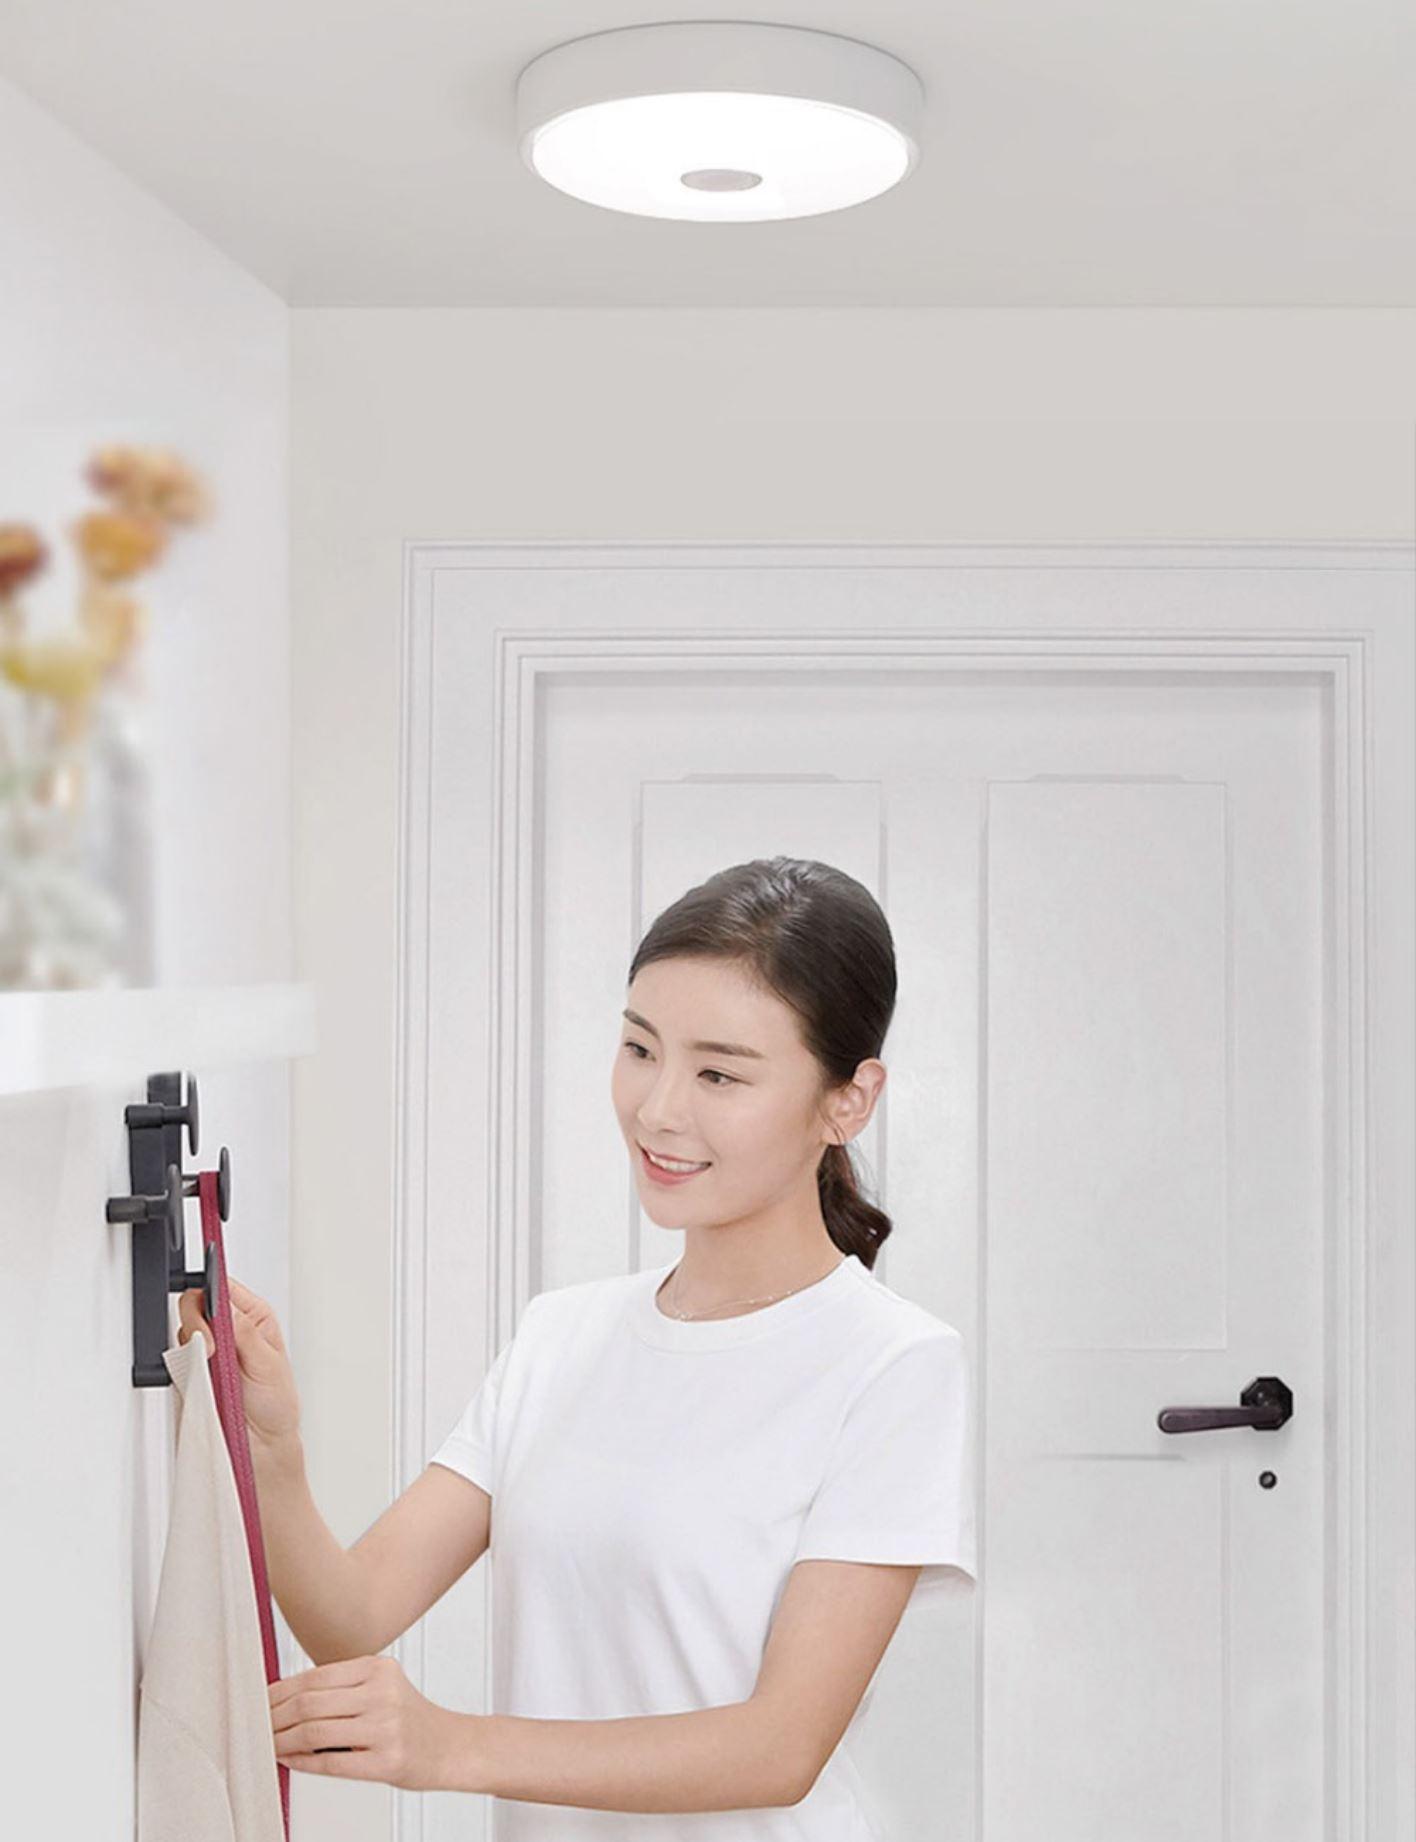 Rozświetl swój dom z Yeelight - świetna oferta na inteligentne żarówki, lampy i plafony - mini plafon z sensorem ruchu - w wejściu